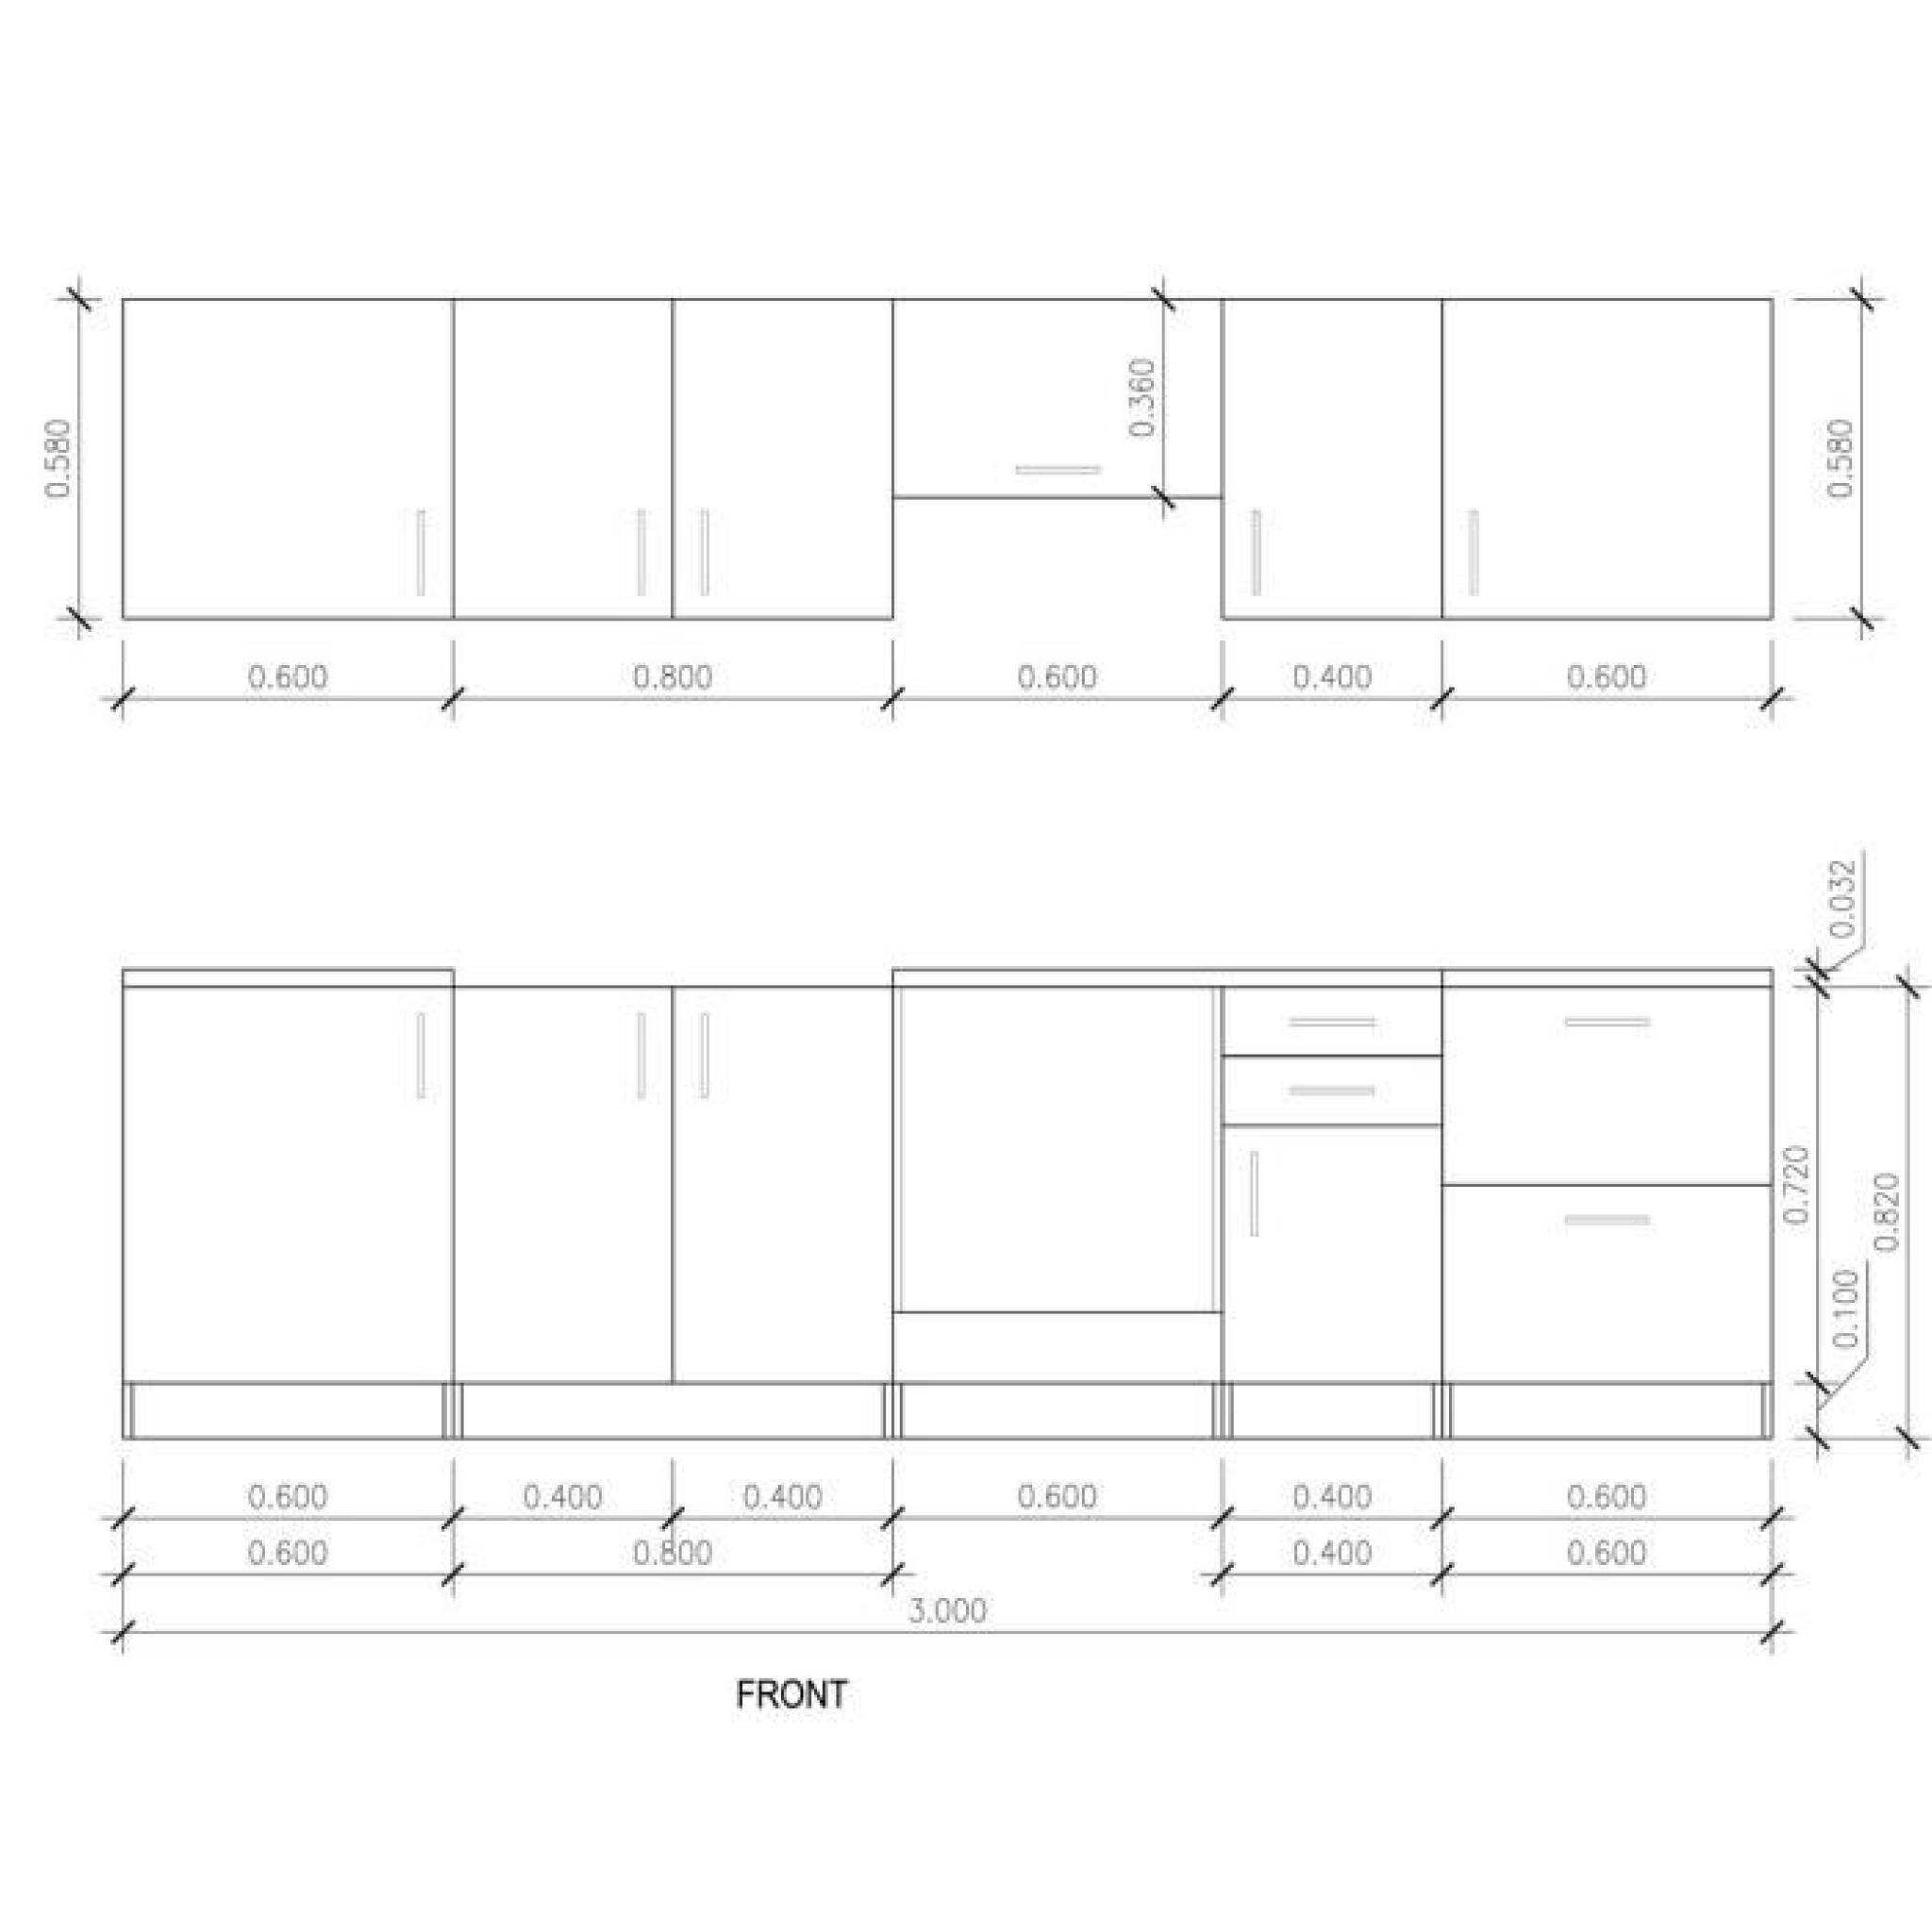 cuisine lineaire 3m m lineaire gris argent cuisine en lineaire meilleur de cuisine lineaire u. Black Bedroom Furniture Sets. Home Design Ideas